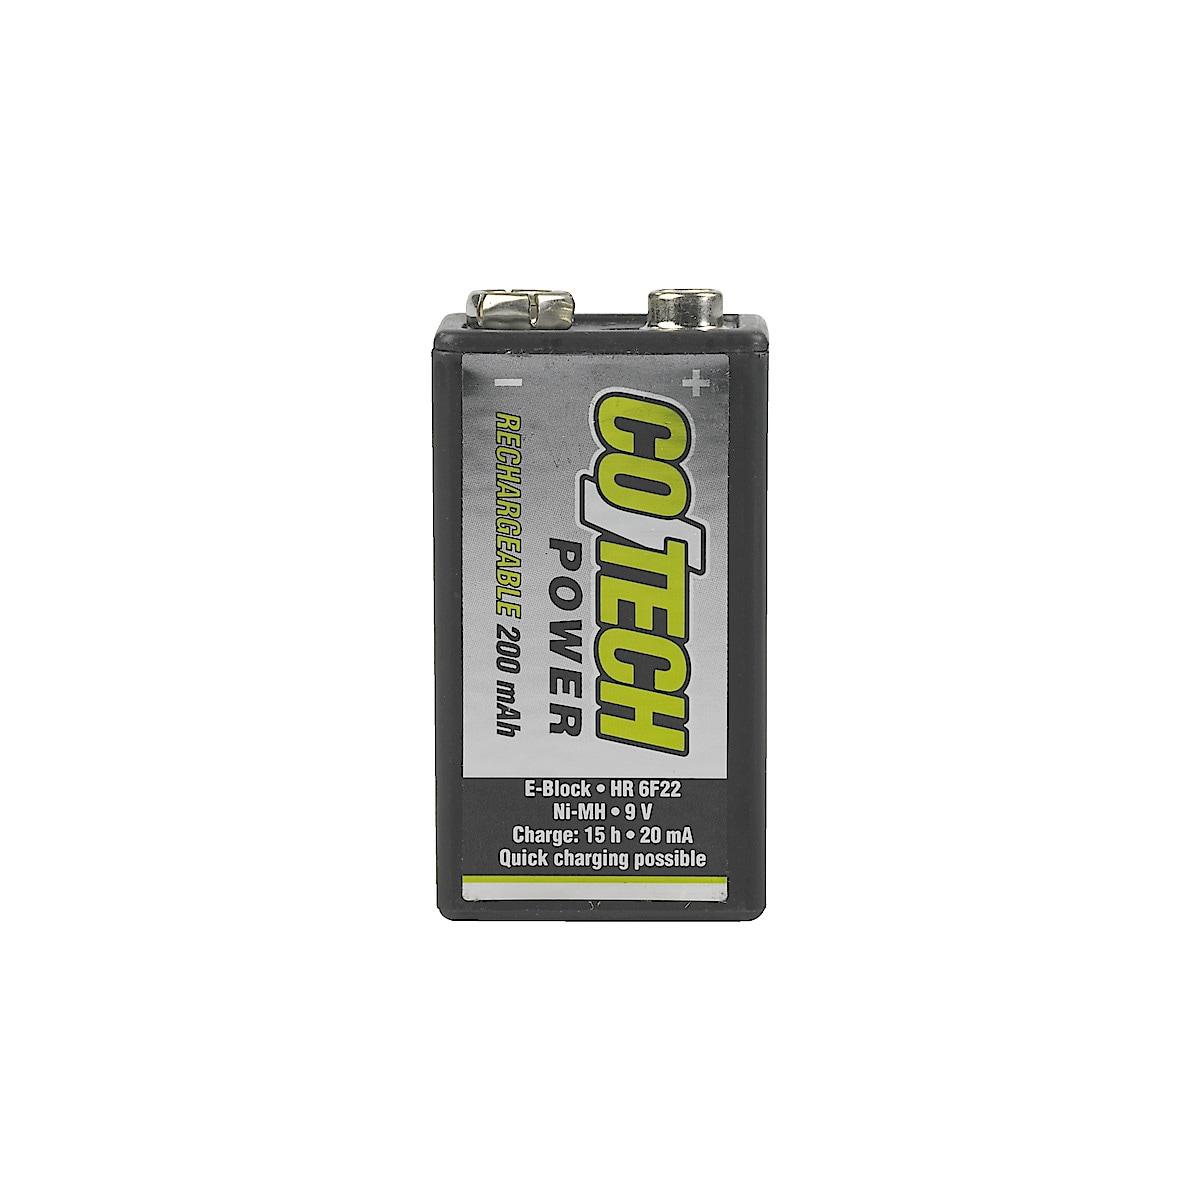 Ladbare batterier,